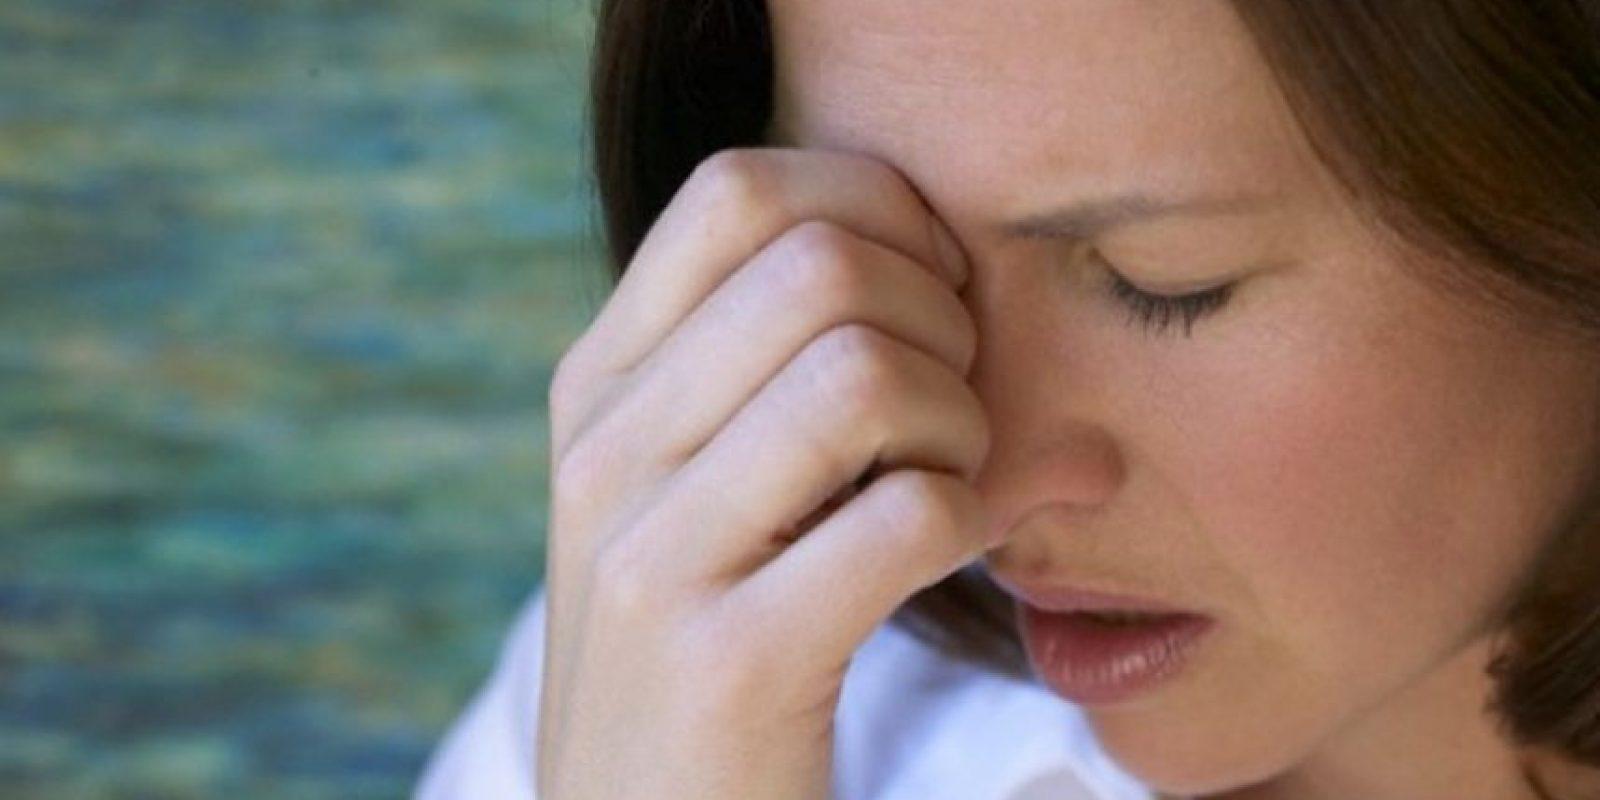 Los enojos constantes afectan fuertemente al corazón, aumentando el ritmo cardiaco, presión arterial, flujo sanguíneo y produciendo taquicardia, y en personas susceptibles pueden llevar a un infarto. Foto:Tumblr.com/Tagged-molesto